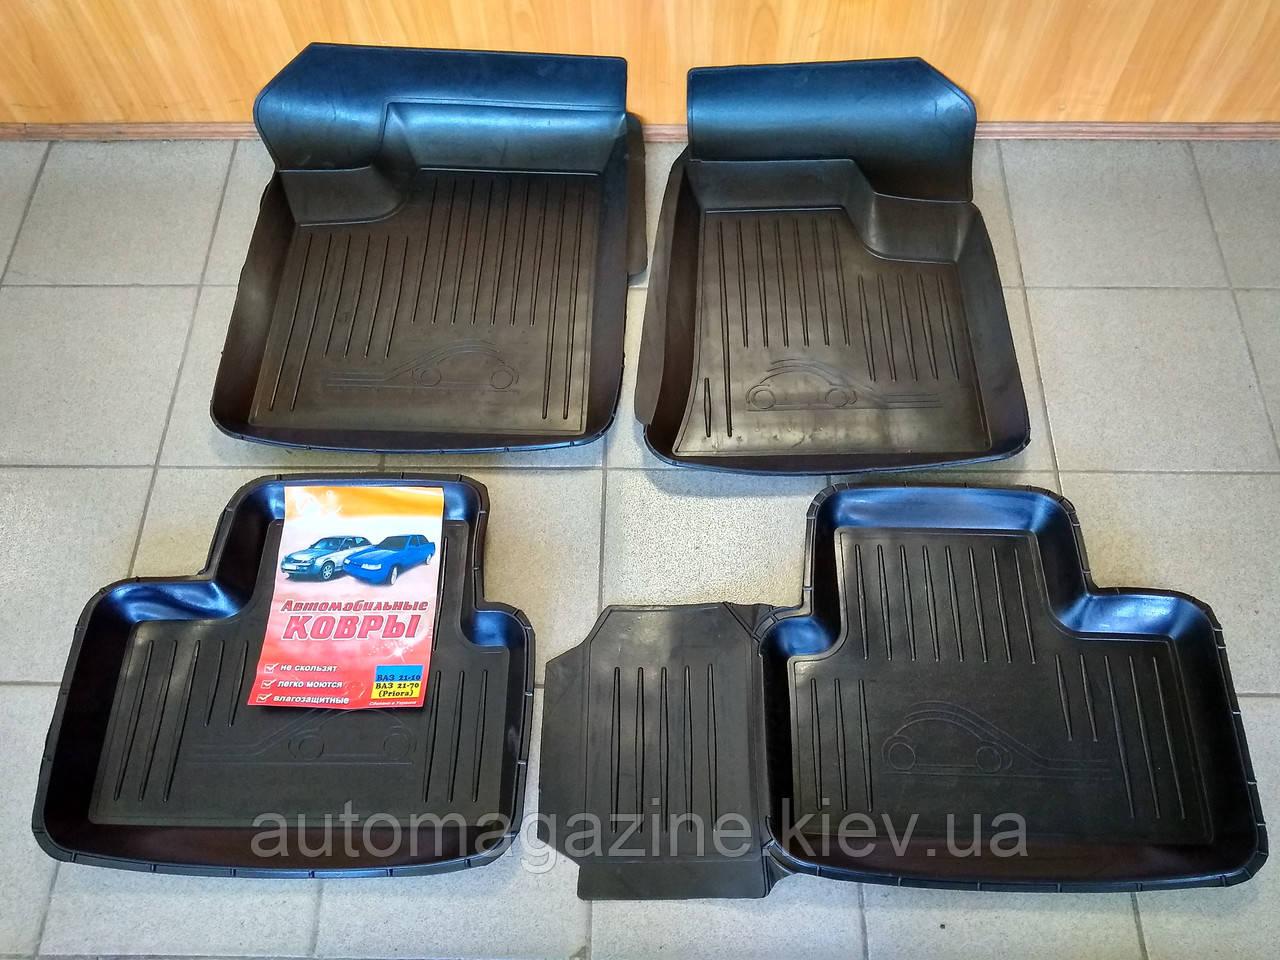 Килимки салону ВАЗ 2110 - 2112 (комплект)